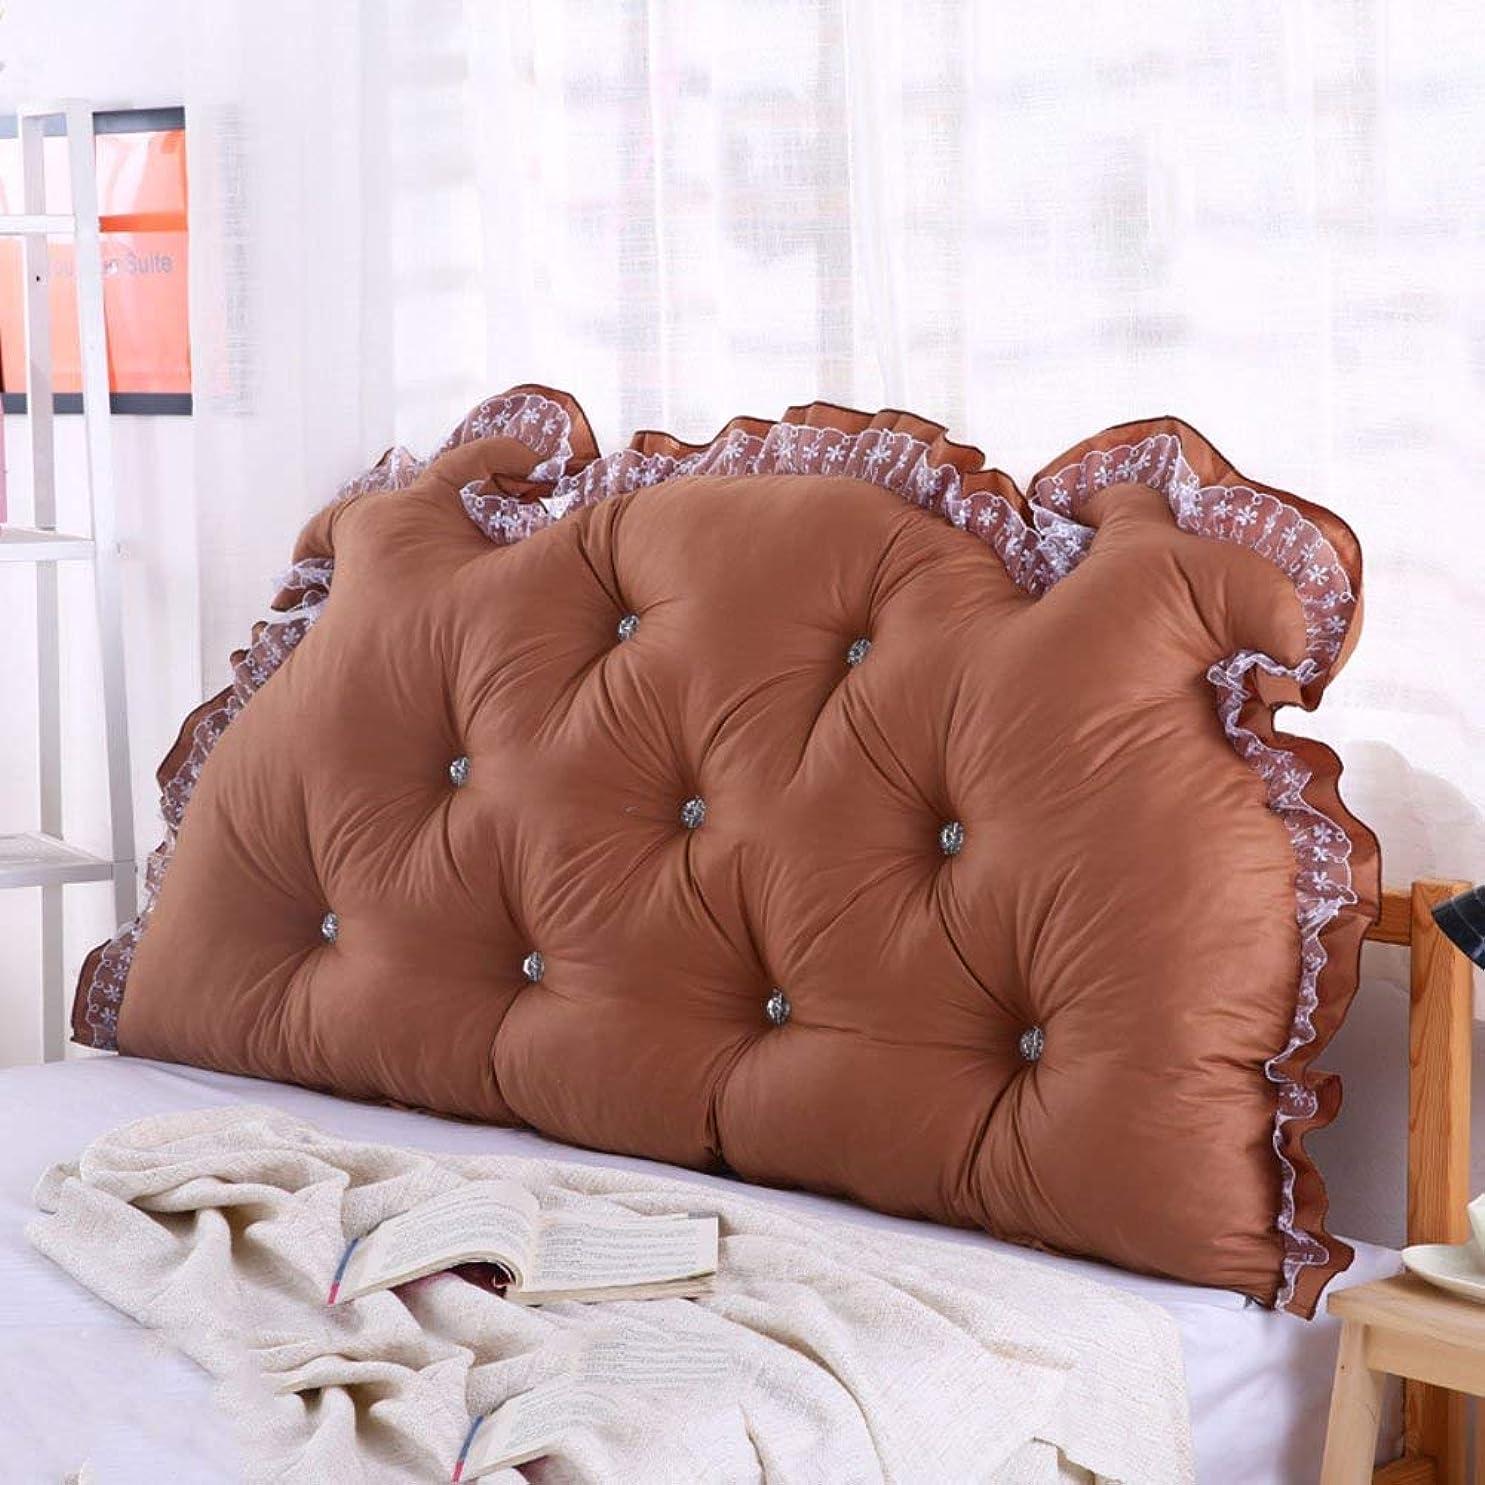 最高現代の予見するJIANHEADS ベッドサイドの読書枕背部クッション、ソファーマットクッション100%綿背もたれ位置決めサポート枕 (Color : I, サイズ : 125x70x15cm(49x28x6inch))